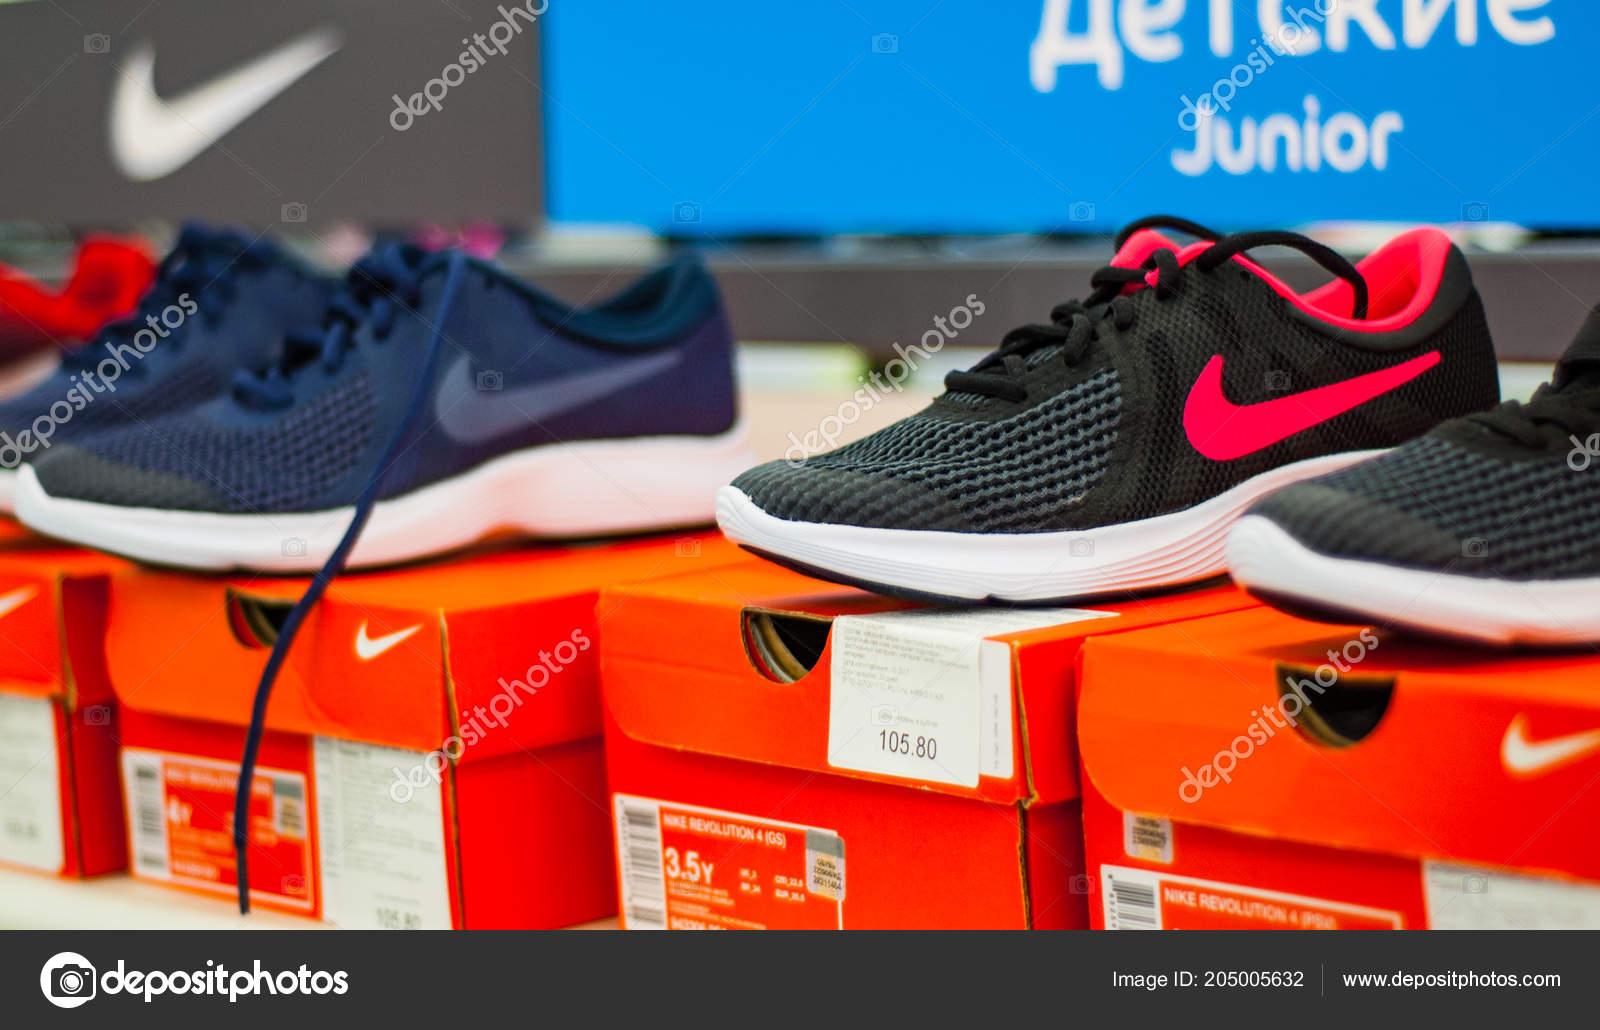 Sportive 2018 Store Minsk Esposizione Bielorussia Luglio Nike Scarpe qwECXw